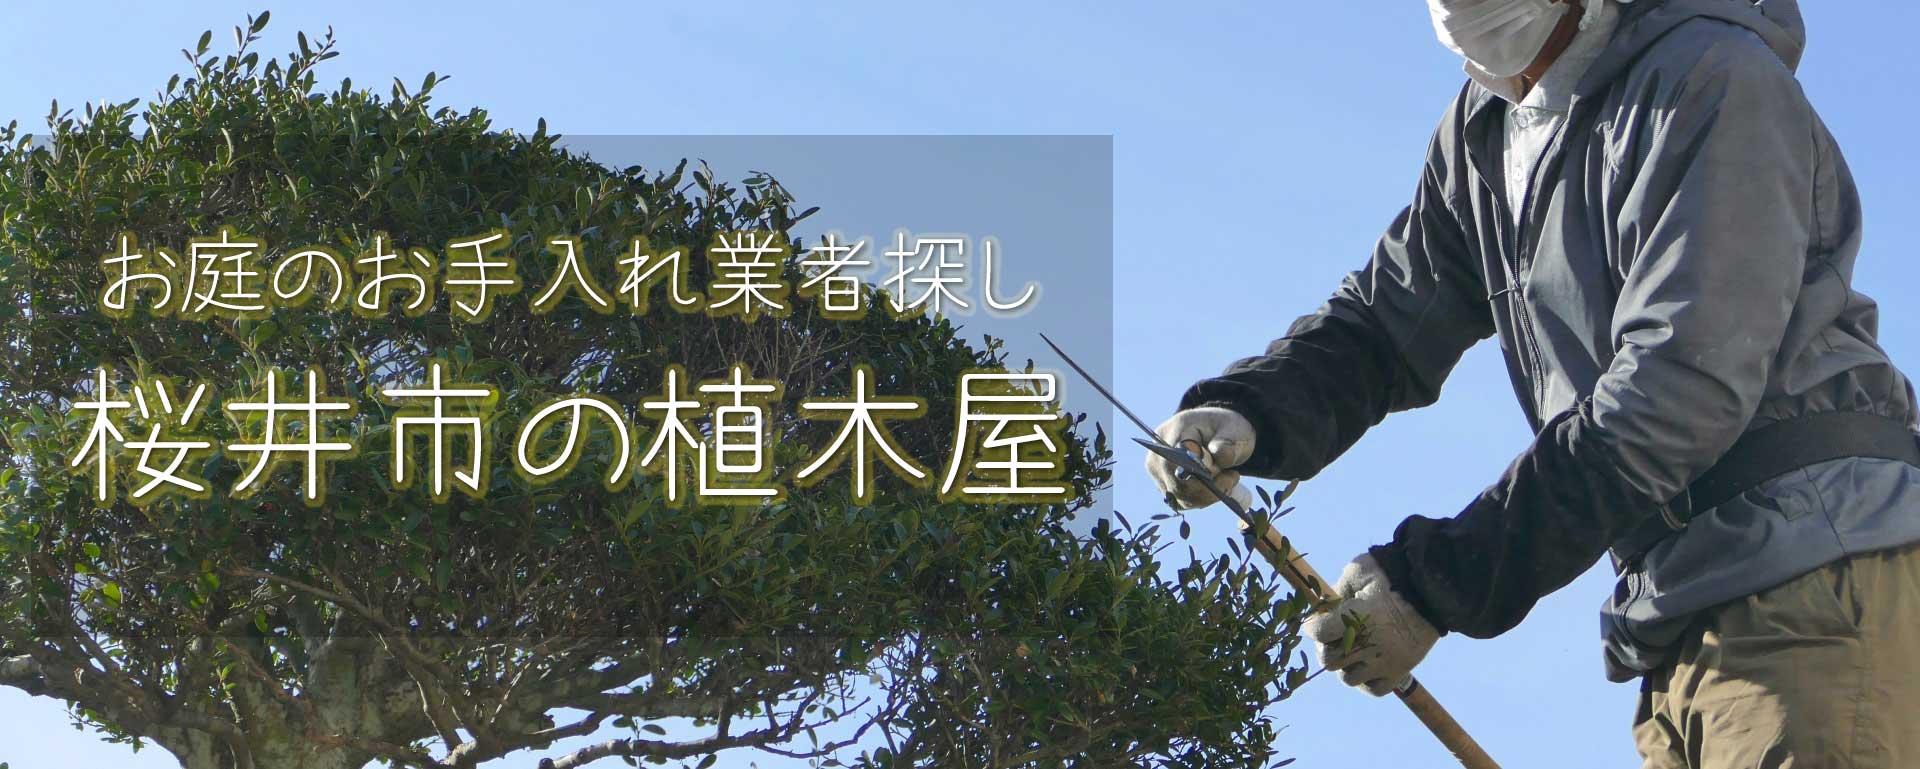 見積り無料の桜井市の植木屋